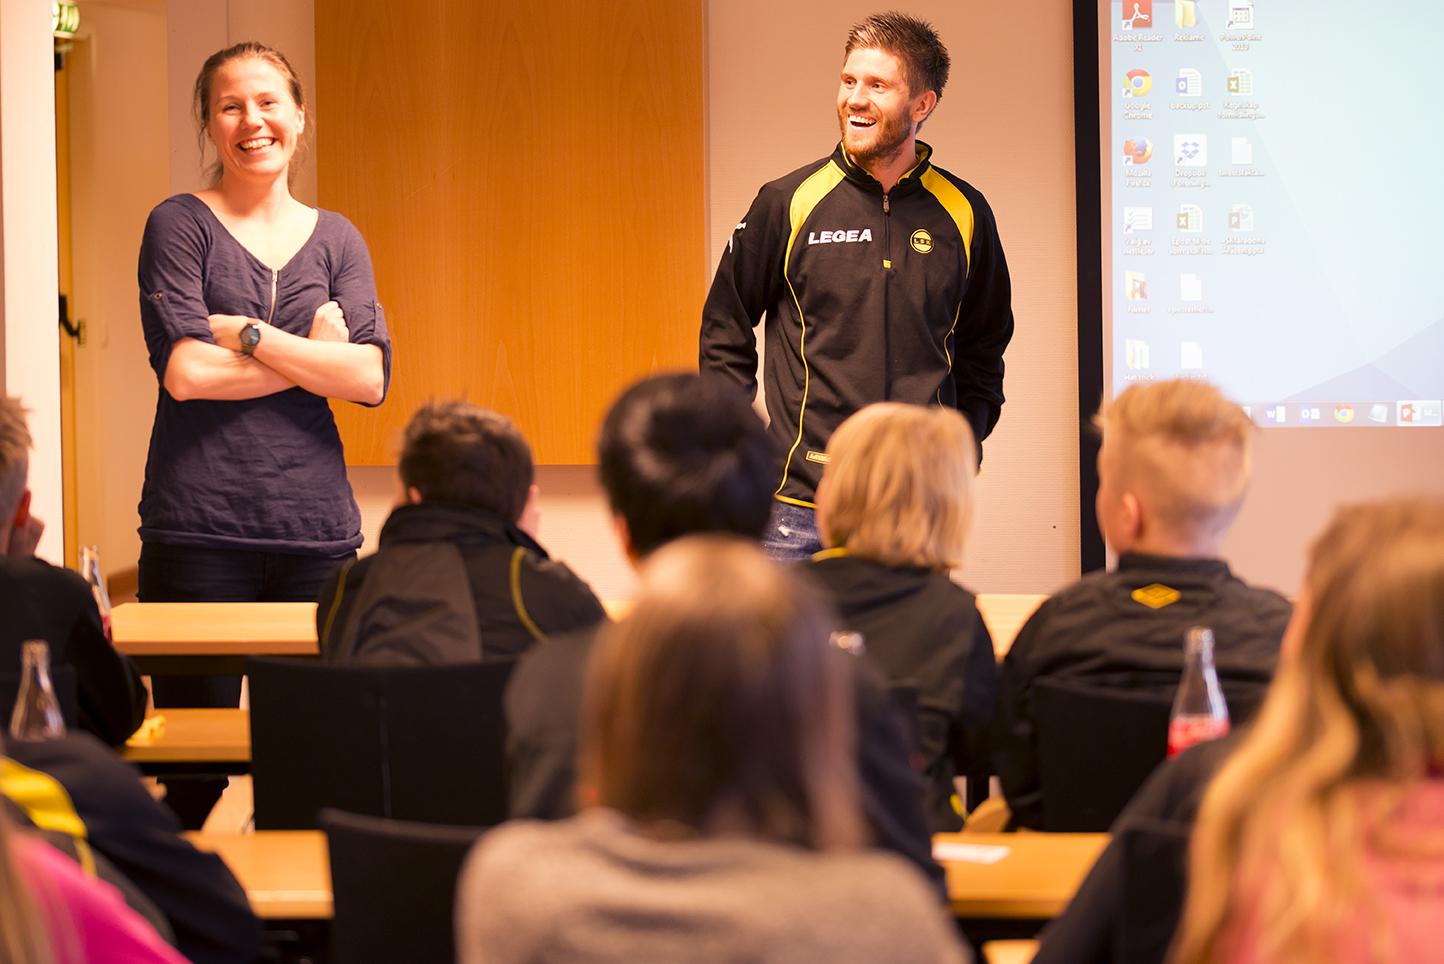 Knudsen og Mjelde foran spillergruppene_NETT